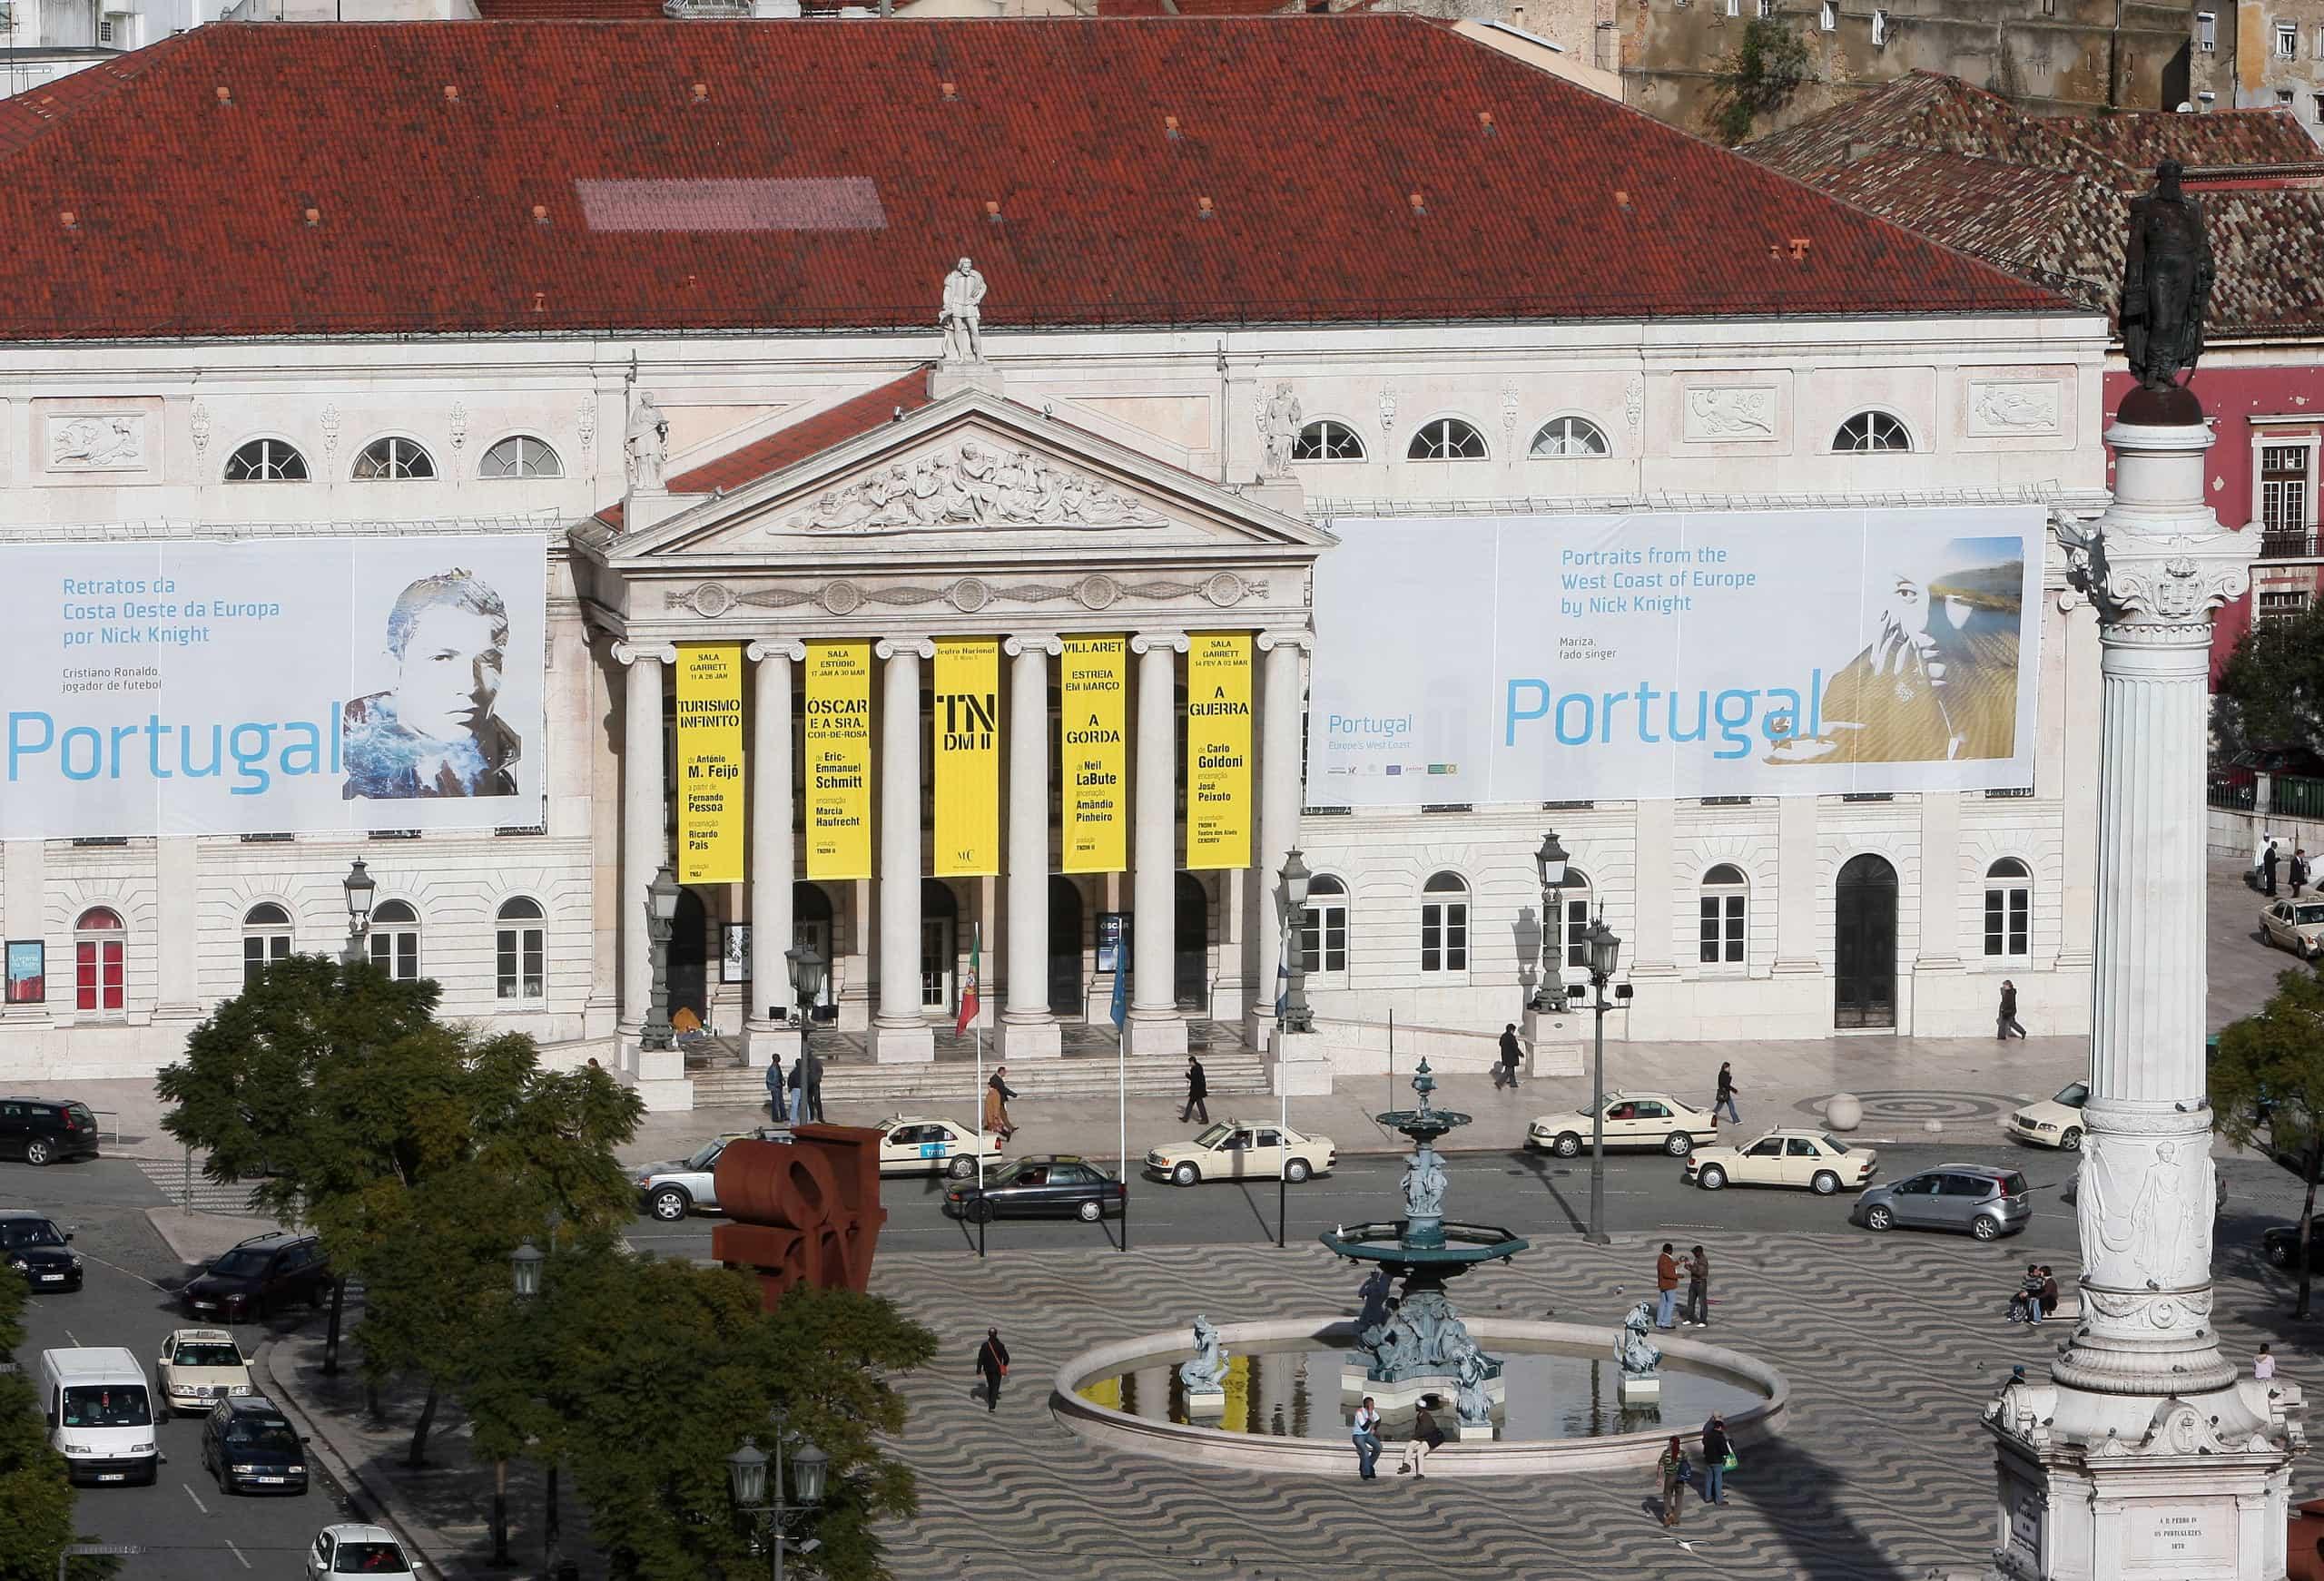 Teatro Experimental do Porto a partir de hoje no Nacional D. Maria II